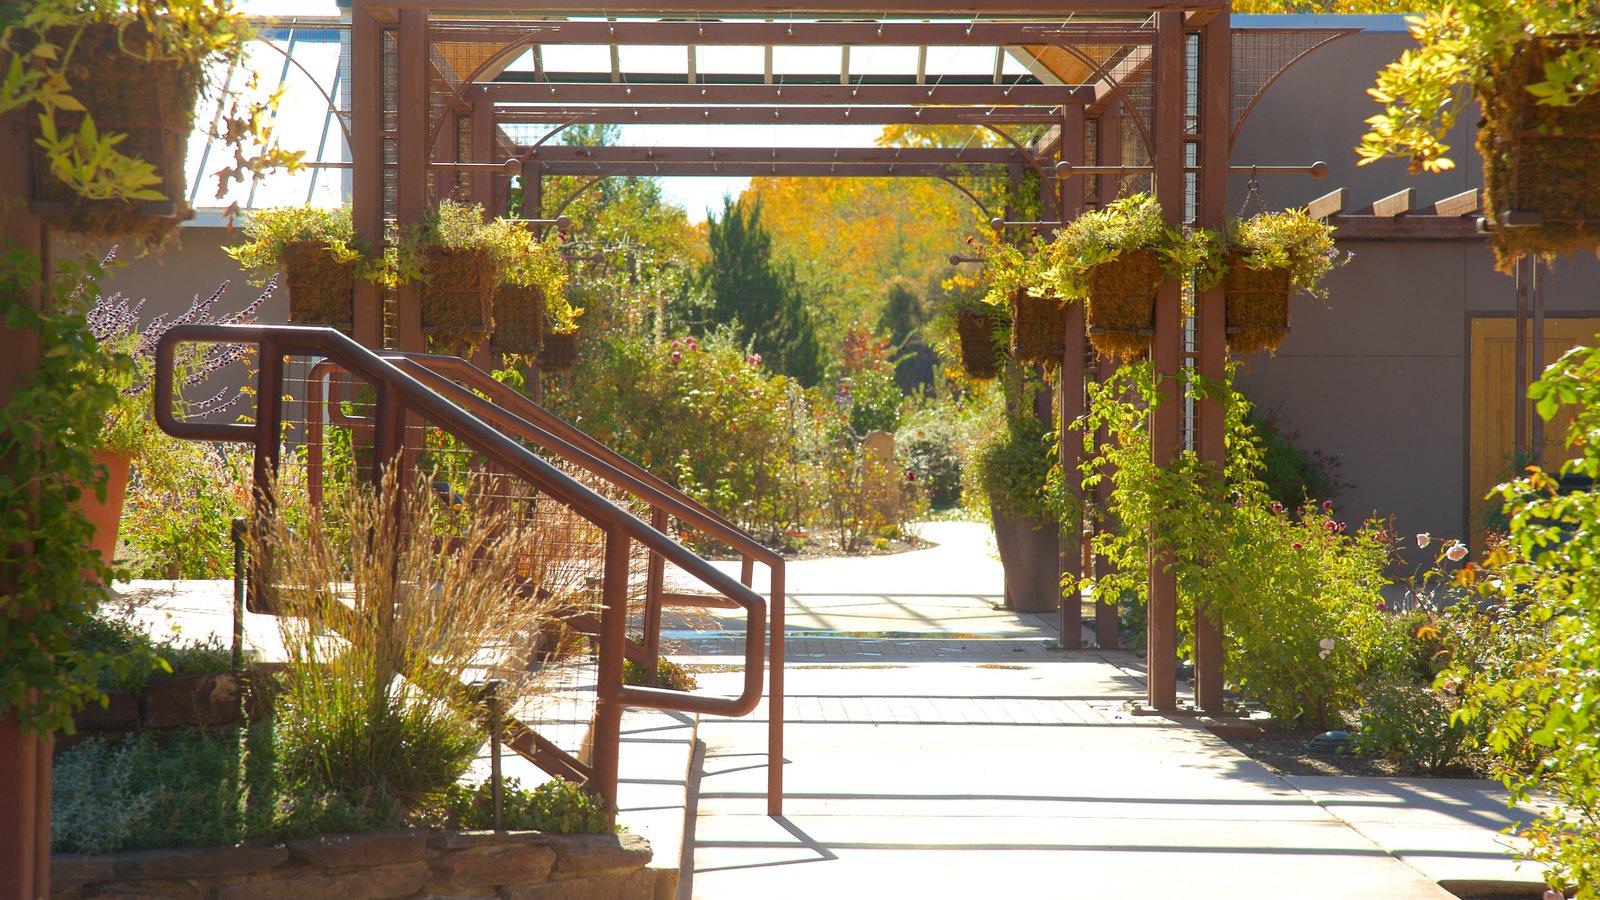 Rio Grande Botanical Garden Pictures View Photos Amp Images